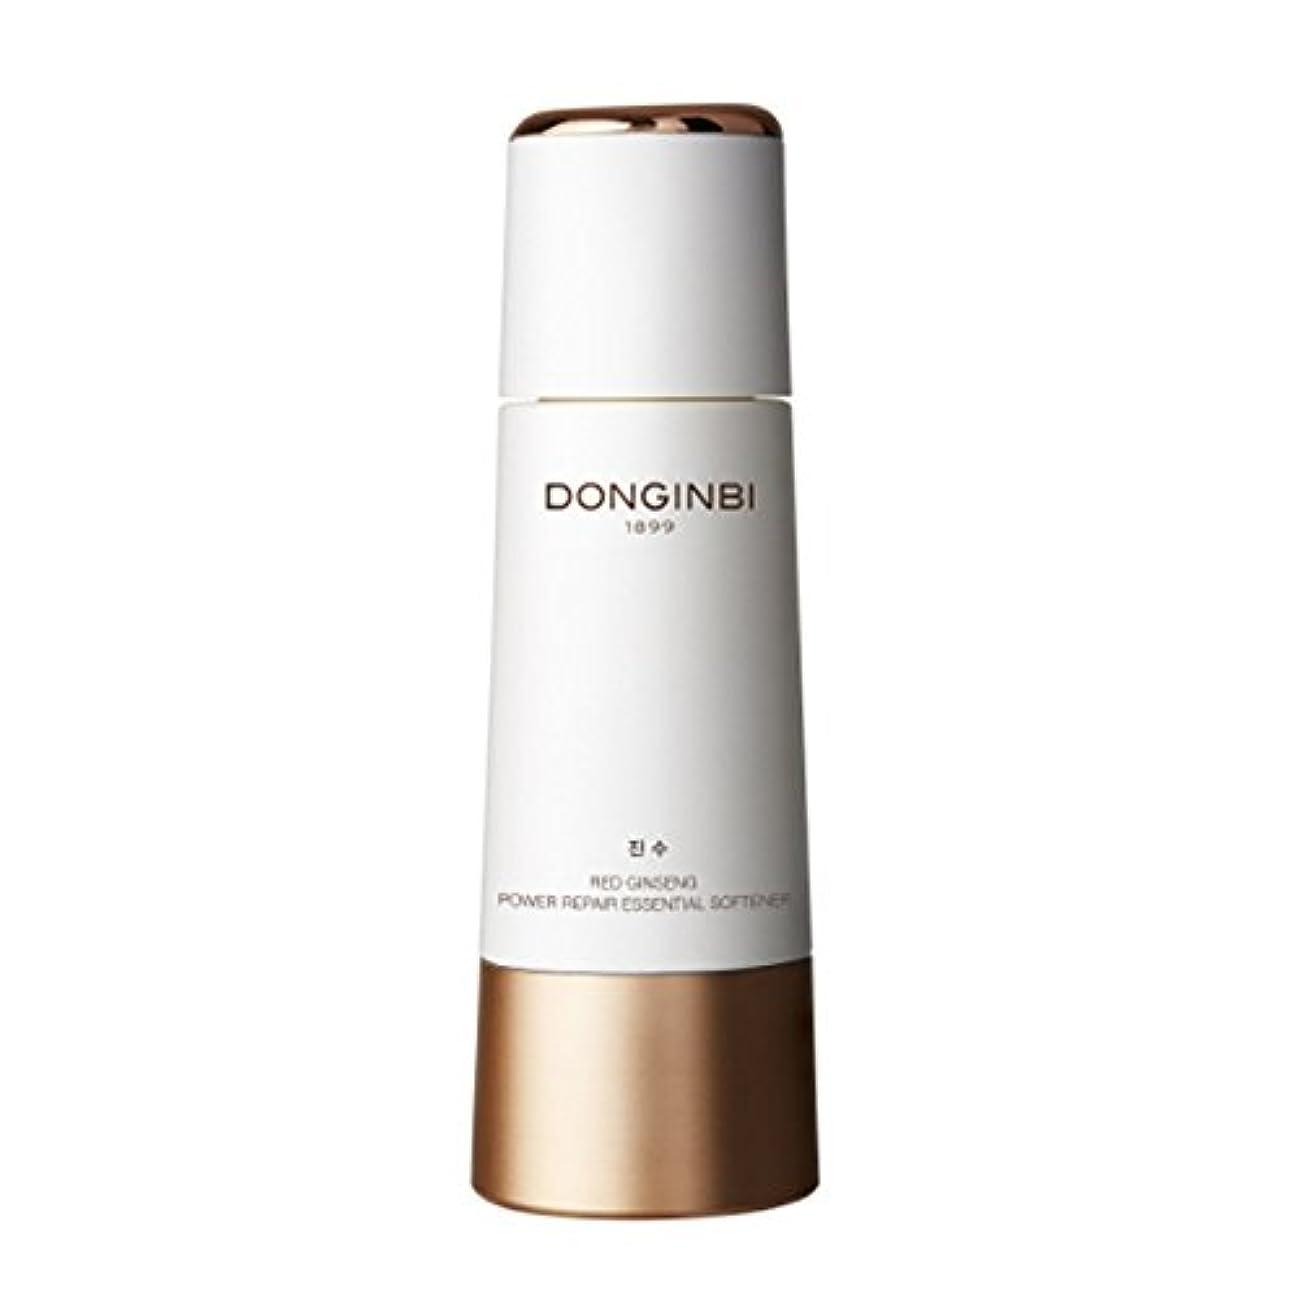 雑多なカスケードダイジェスト[ドンインビ]DONGINBI ドンインビ ジン化粧水 130ml 海外直送品 toner130ml [並行輸入品]